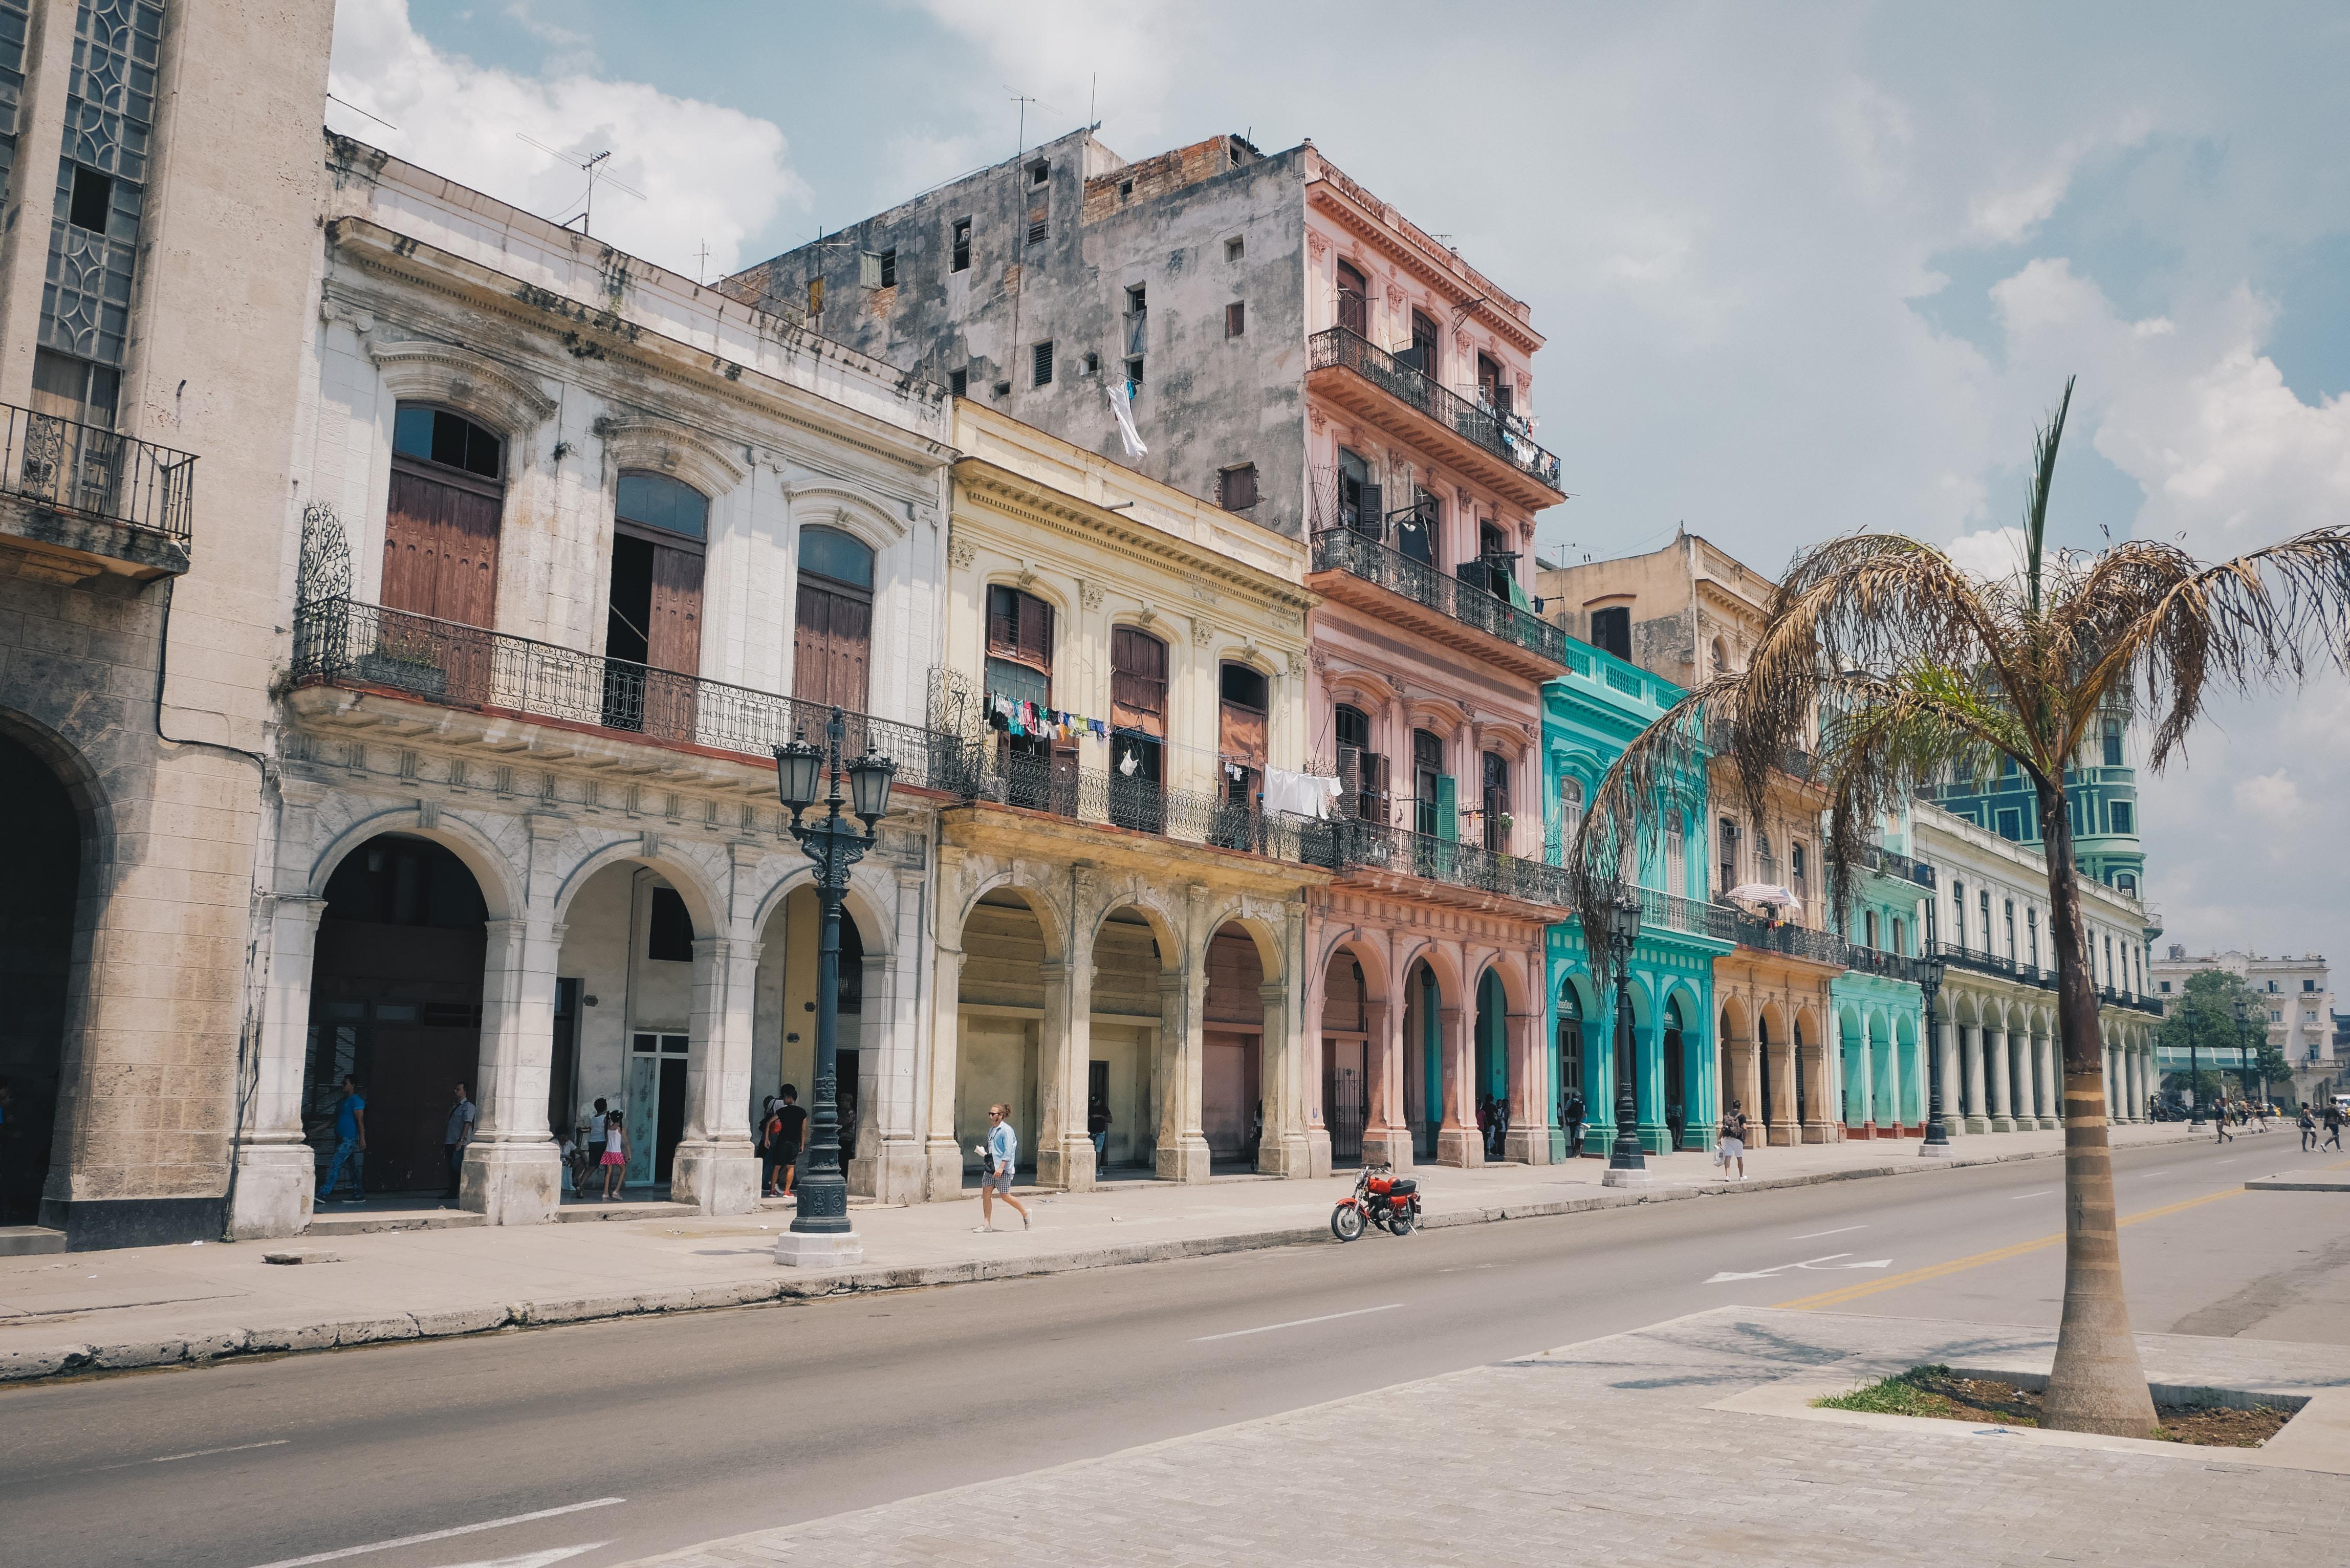 キューバで食事をするなら?人気のレストランや食べ物をまとめて紹介!